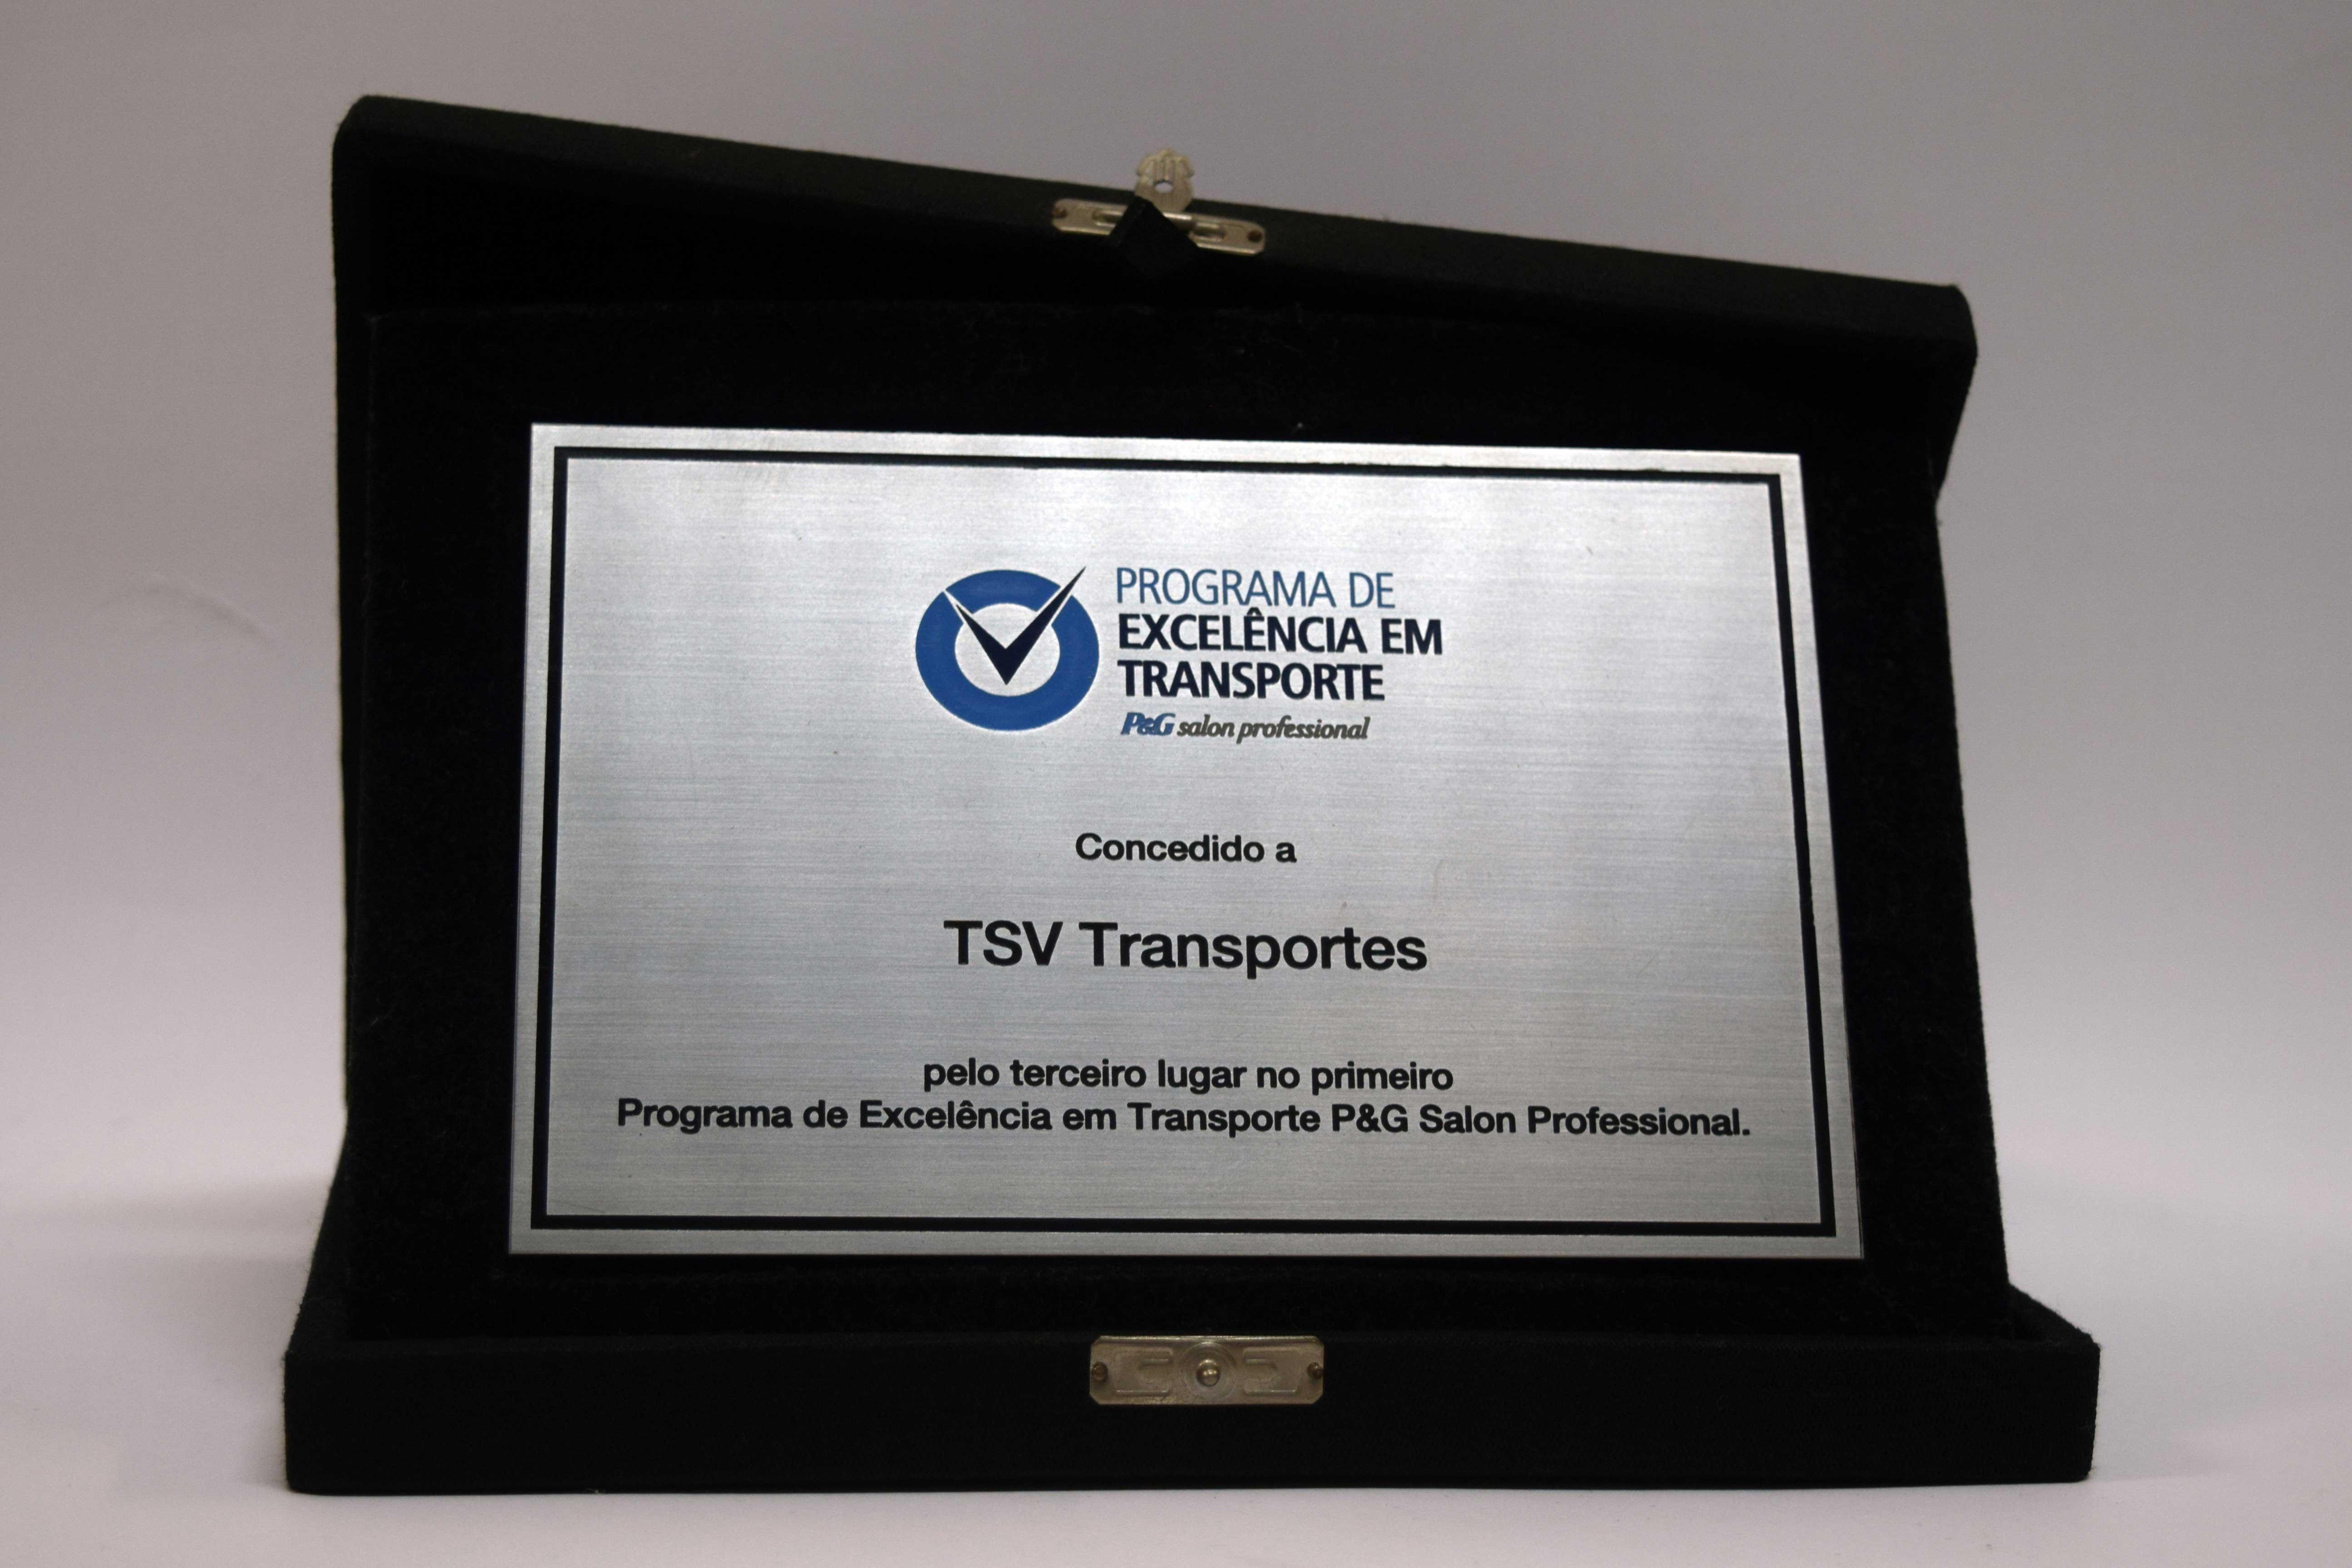 http://www.tsvtransportes.com.br/wp-content/uploads/2018/09/DSC_0208.jpg